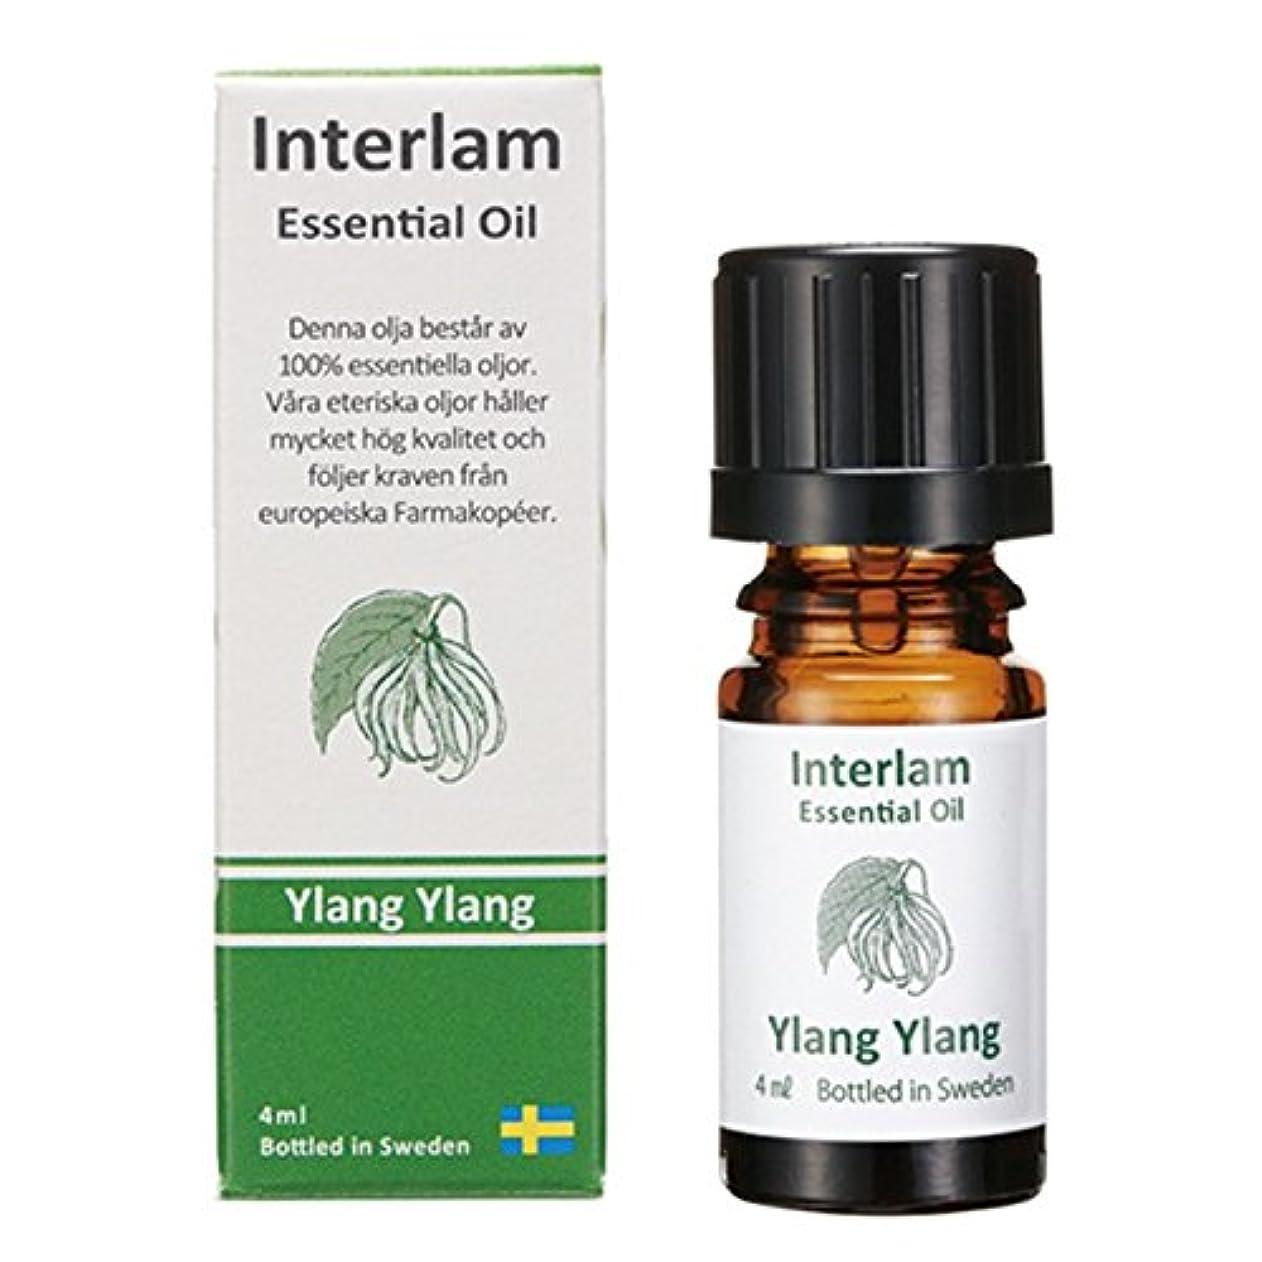 猛烈なである炎上Interlam エッセンシャルオイル イランイラン 4ml